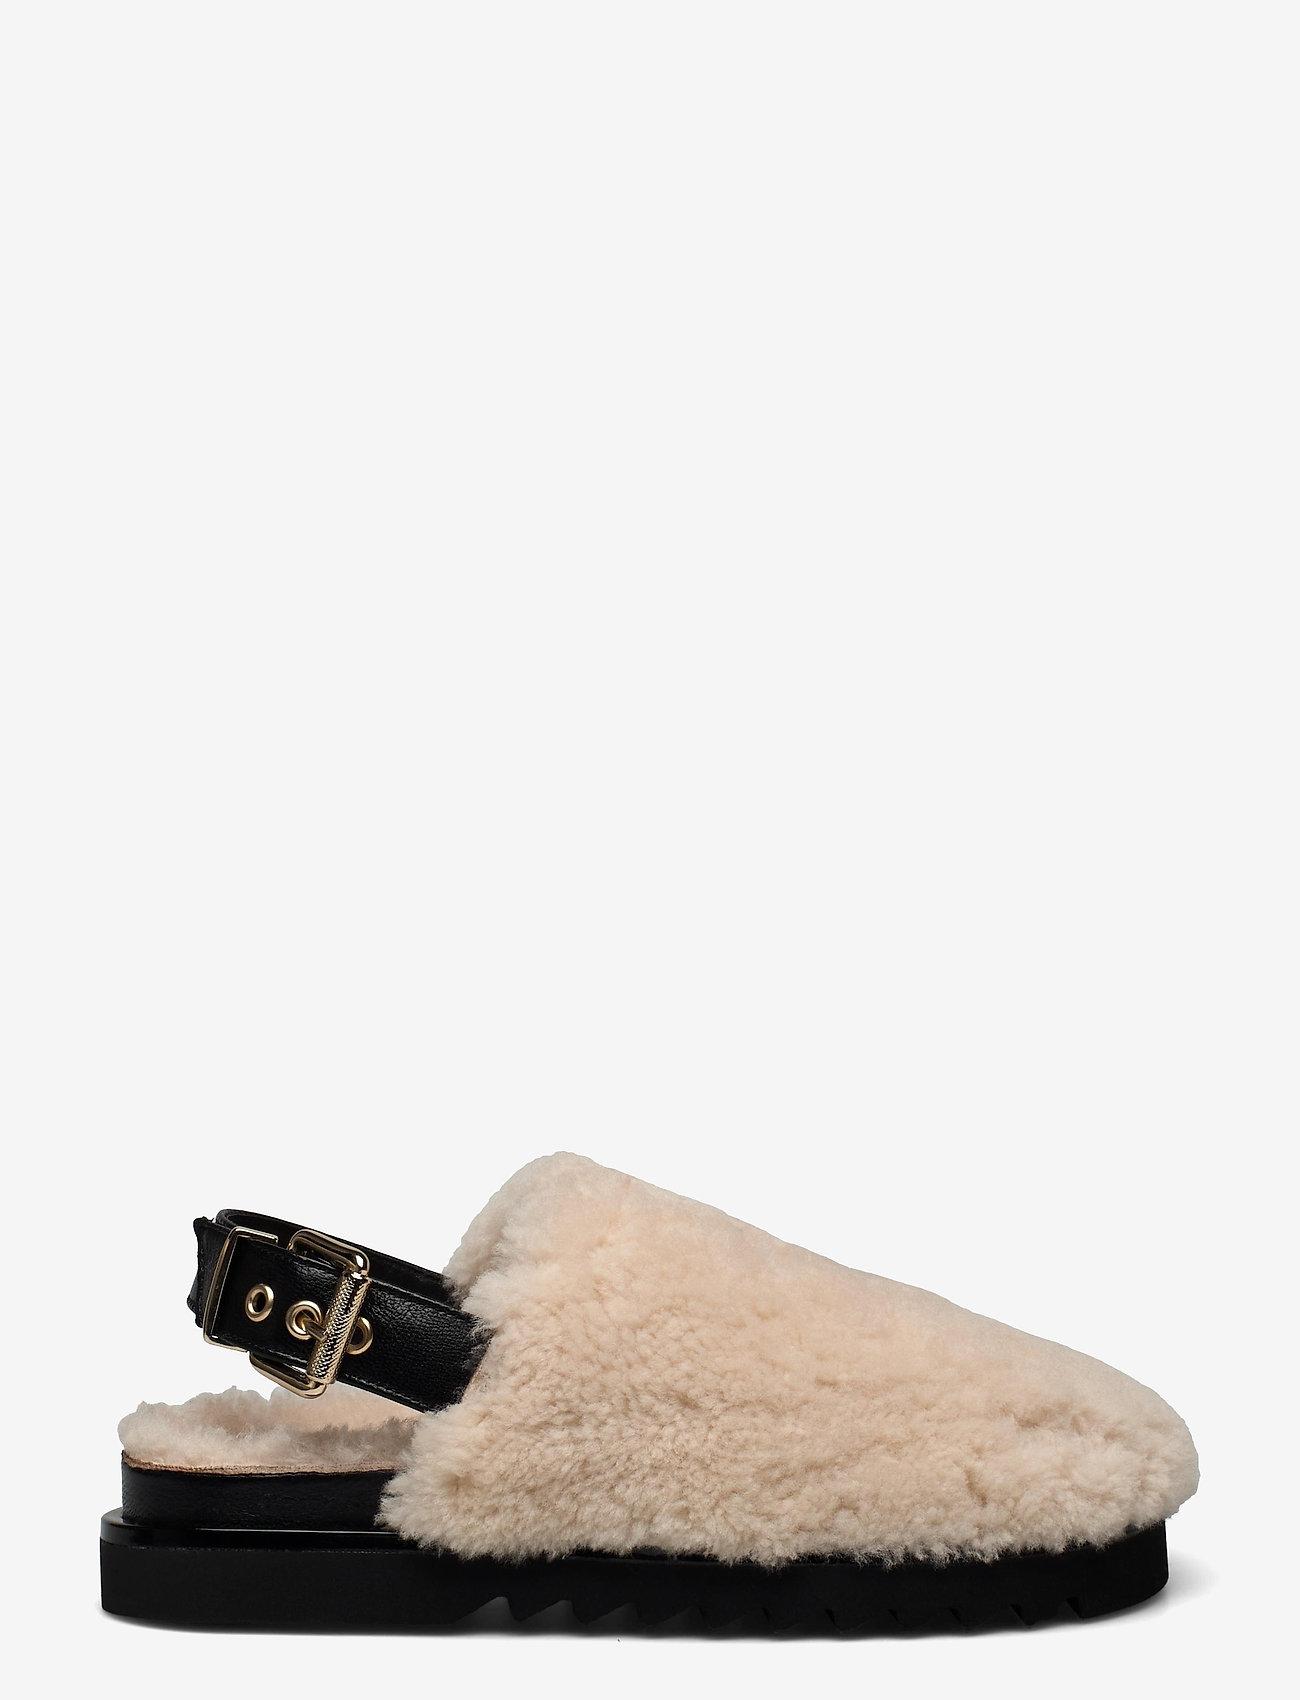 Billi Bi - Slipper  6070 - mules & slipins - beige lamb/black sole 933 - 0